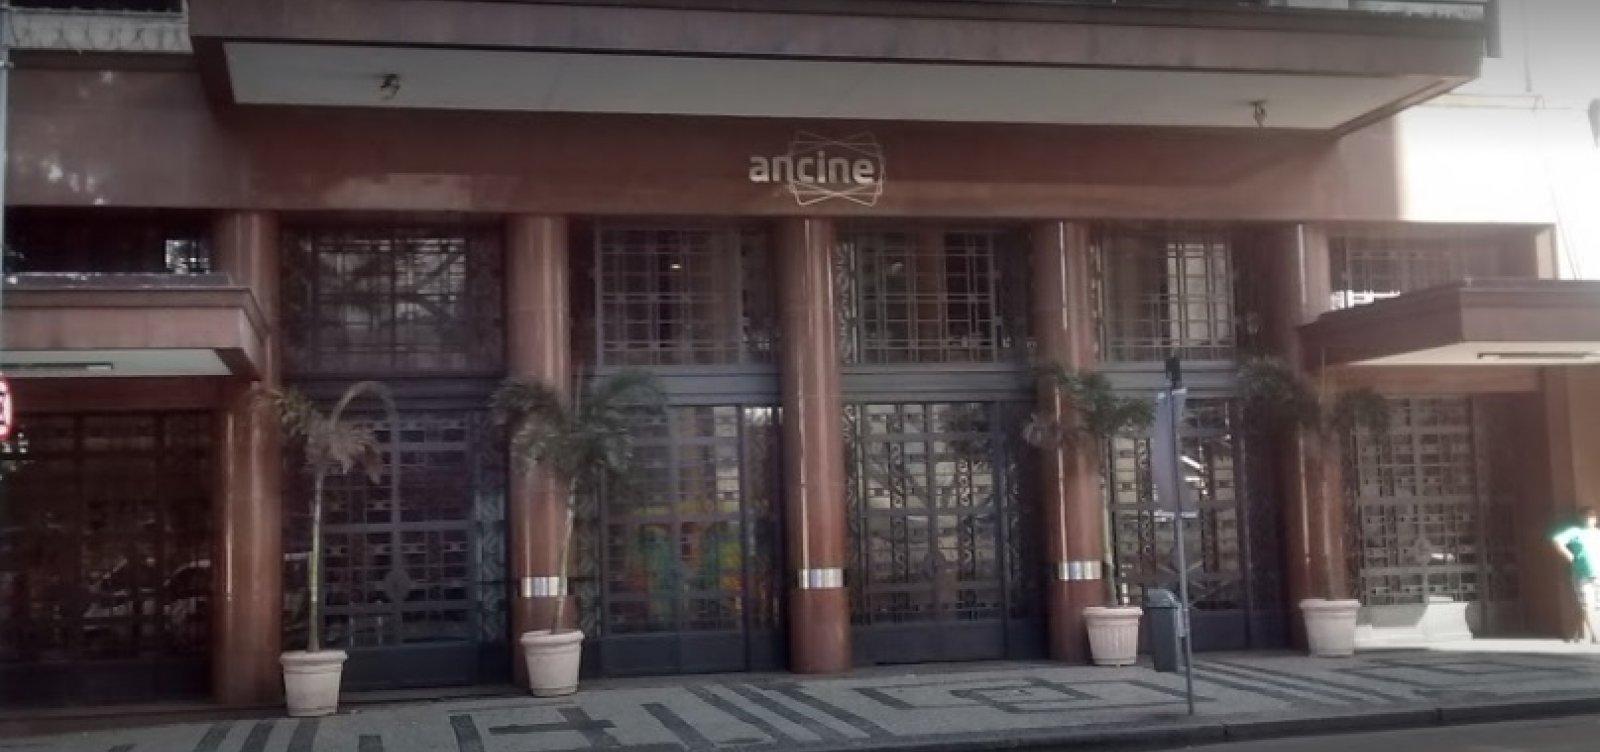 [Justiça determina que Ancine retome edital de seleção censurado por conteúdo LGBTs]